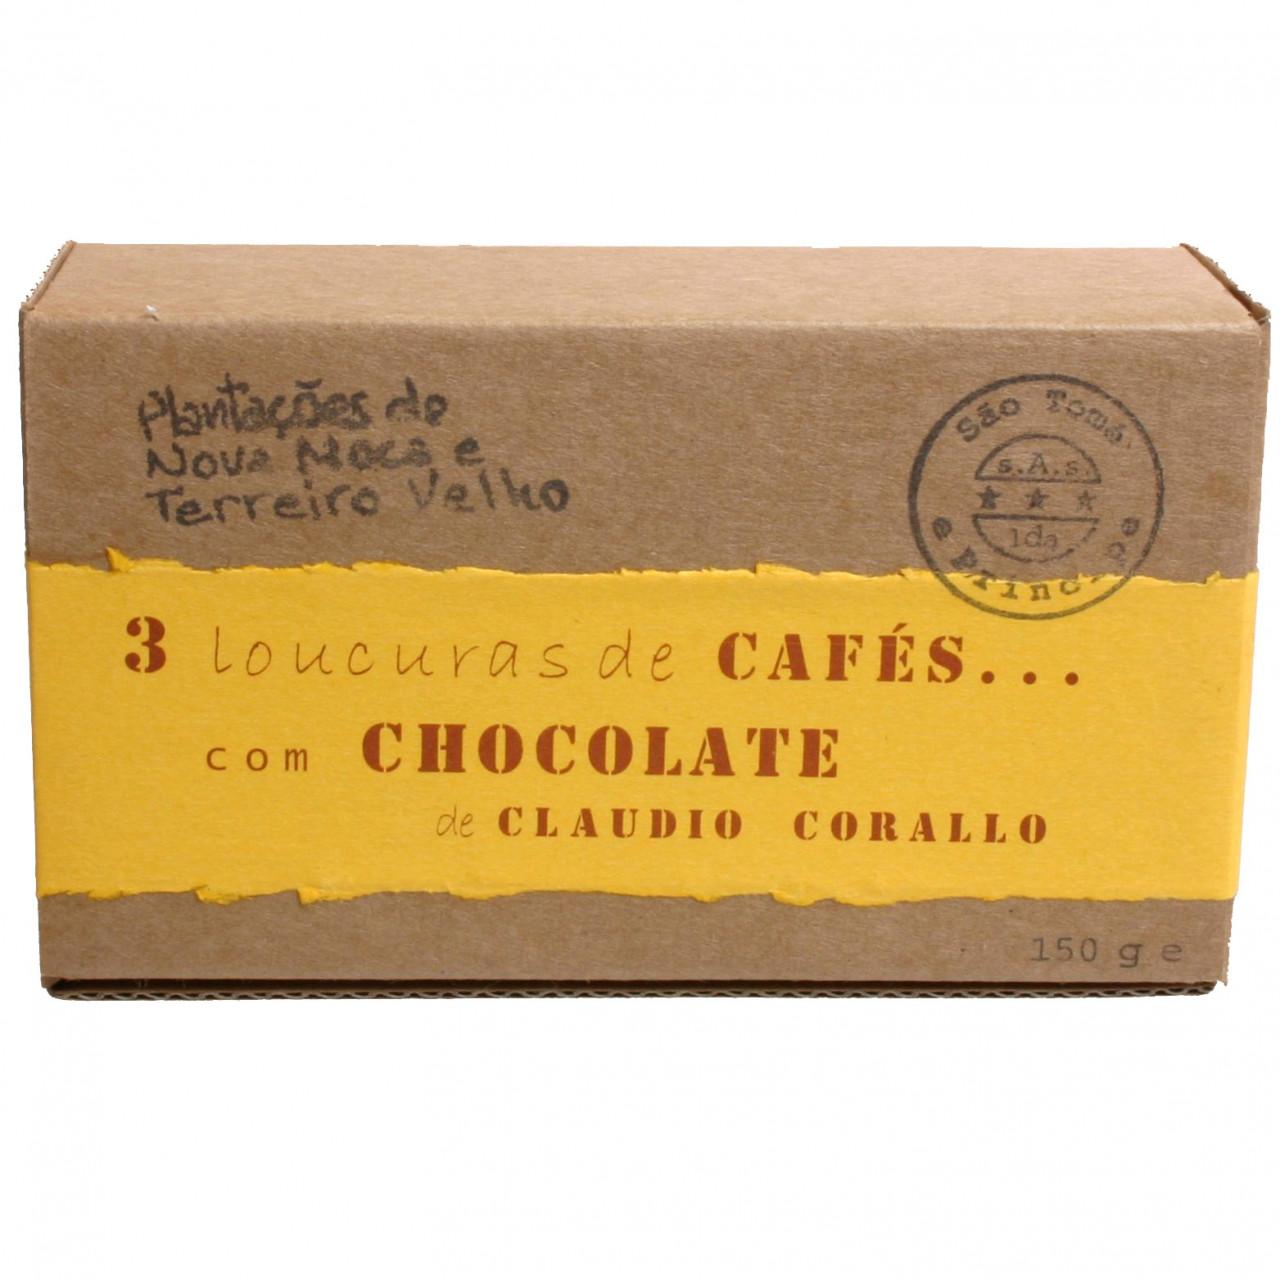 Claudio Corallo Sao Tomé Kaffeebohnen in dunkler Schokolade coffeebeans grains de café chocolat noir dark chocolate